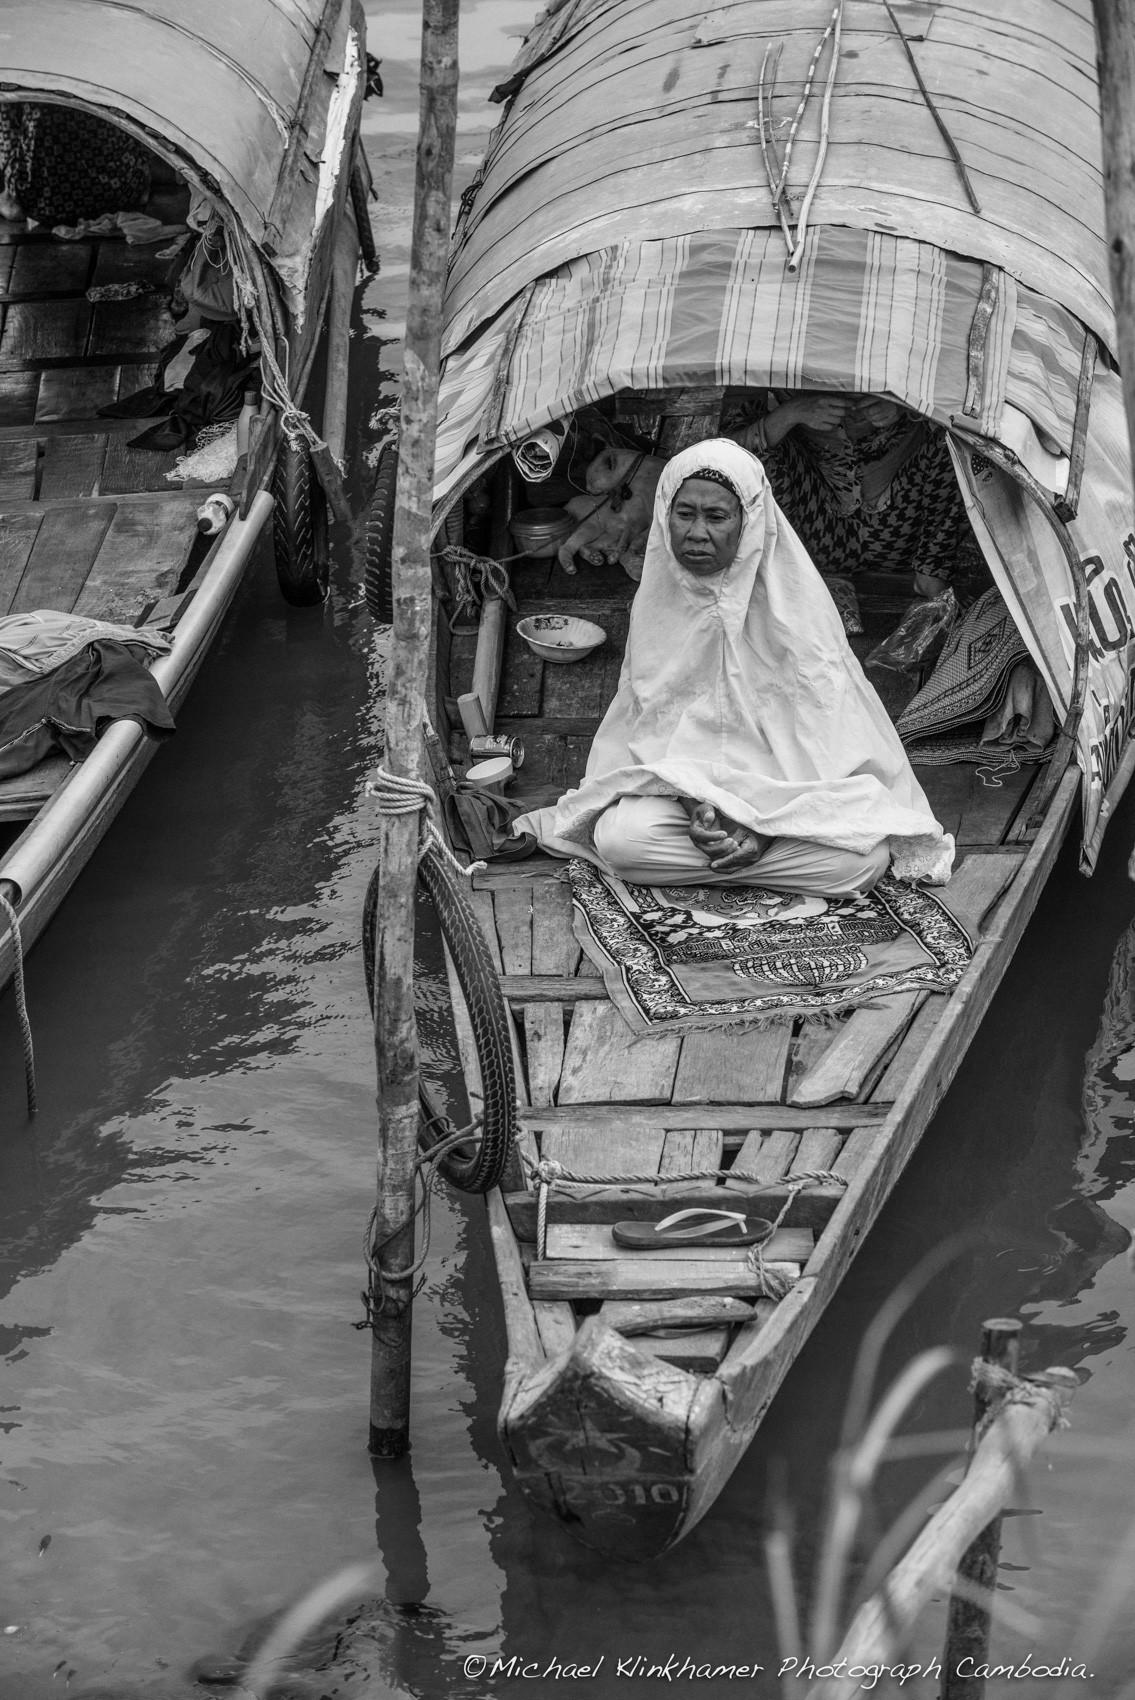 Cham woman praying on boat